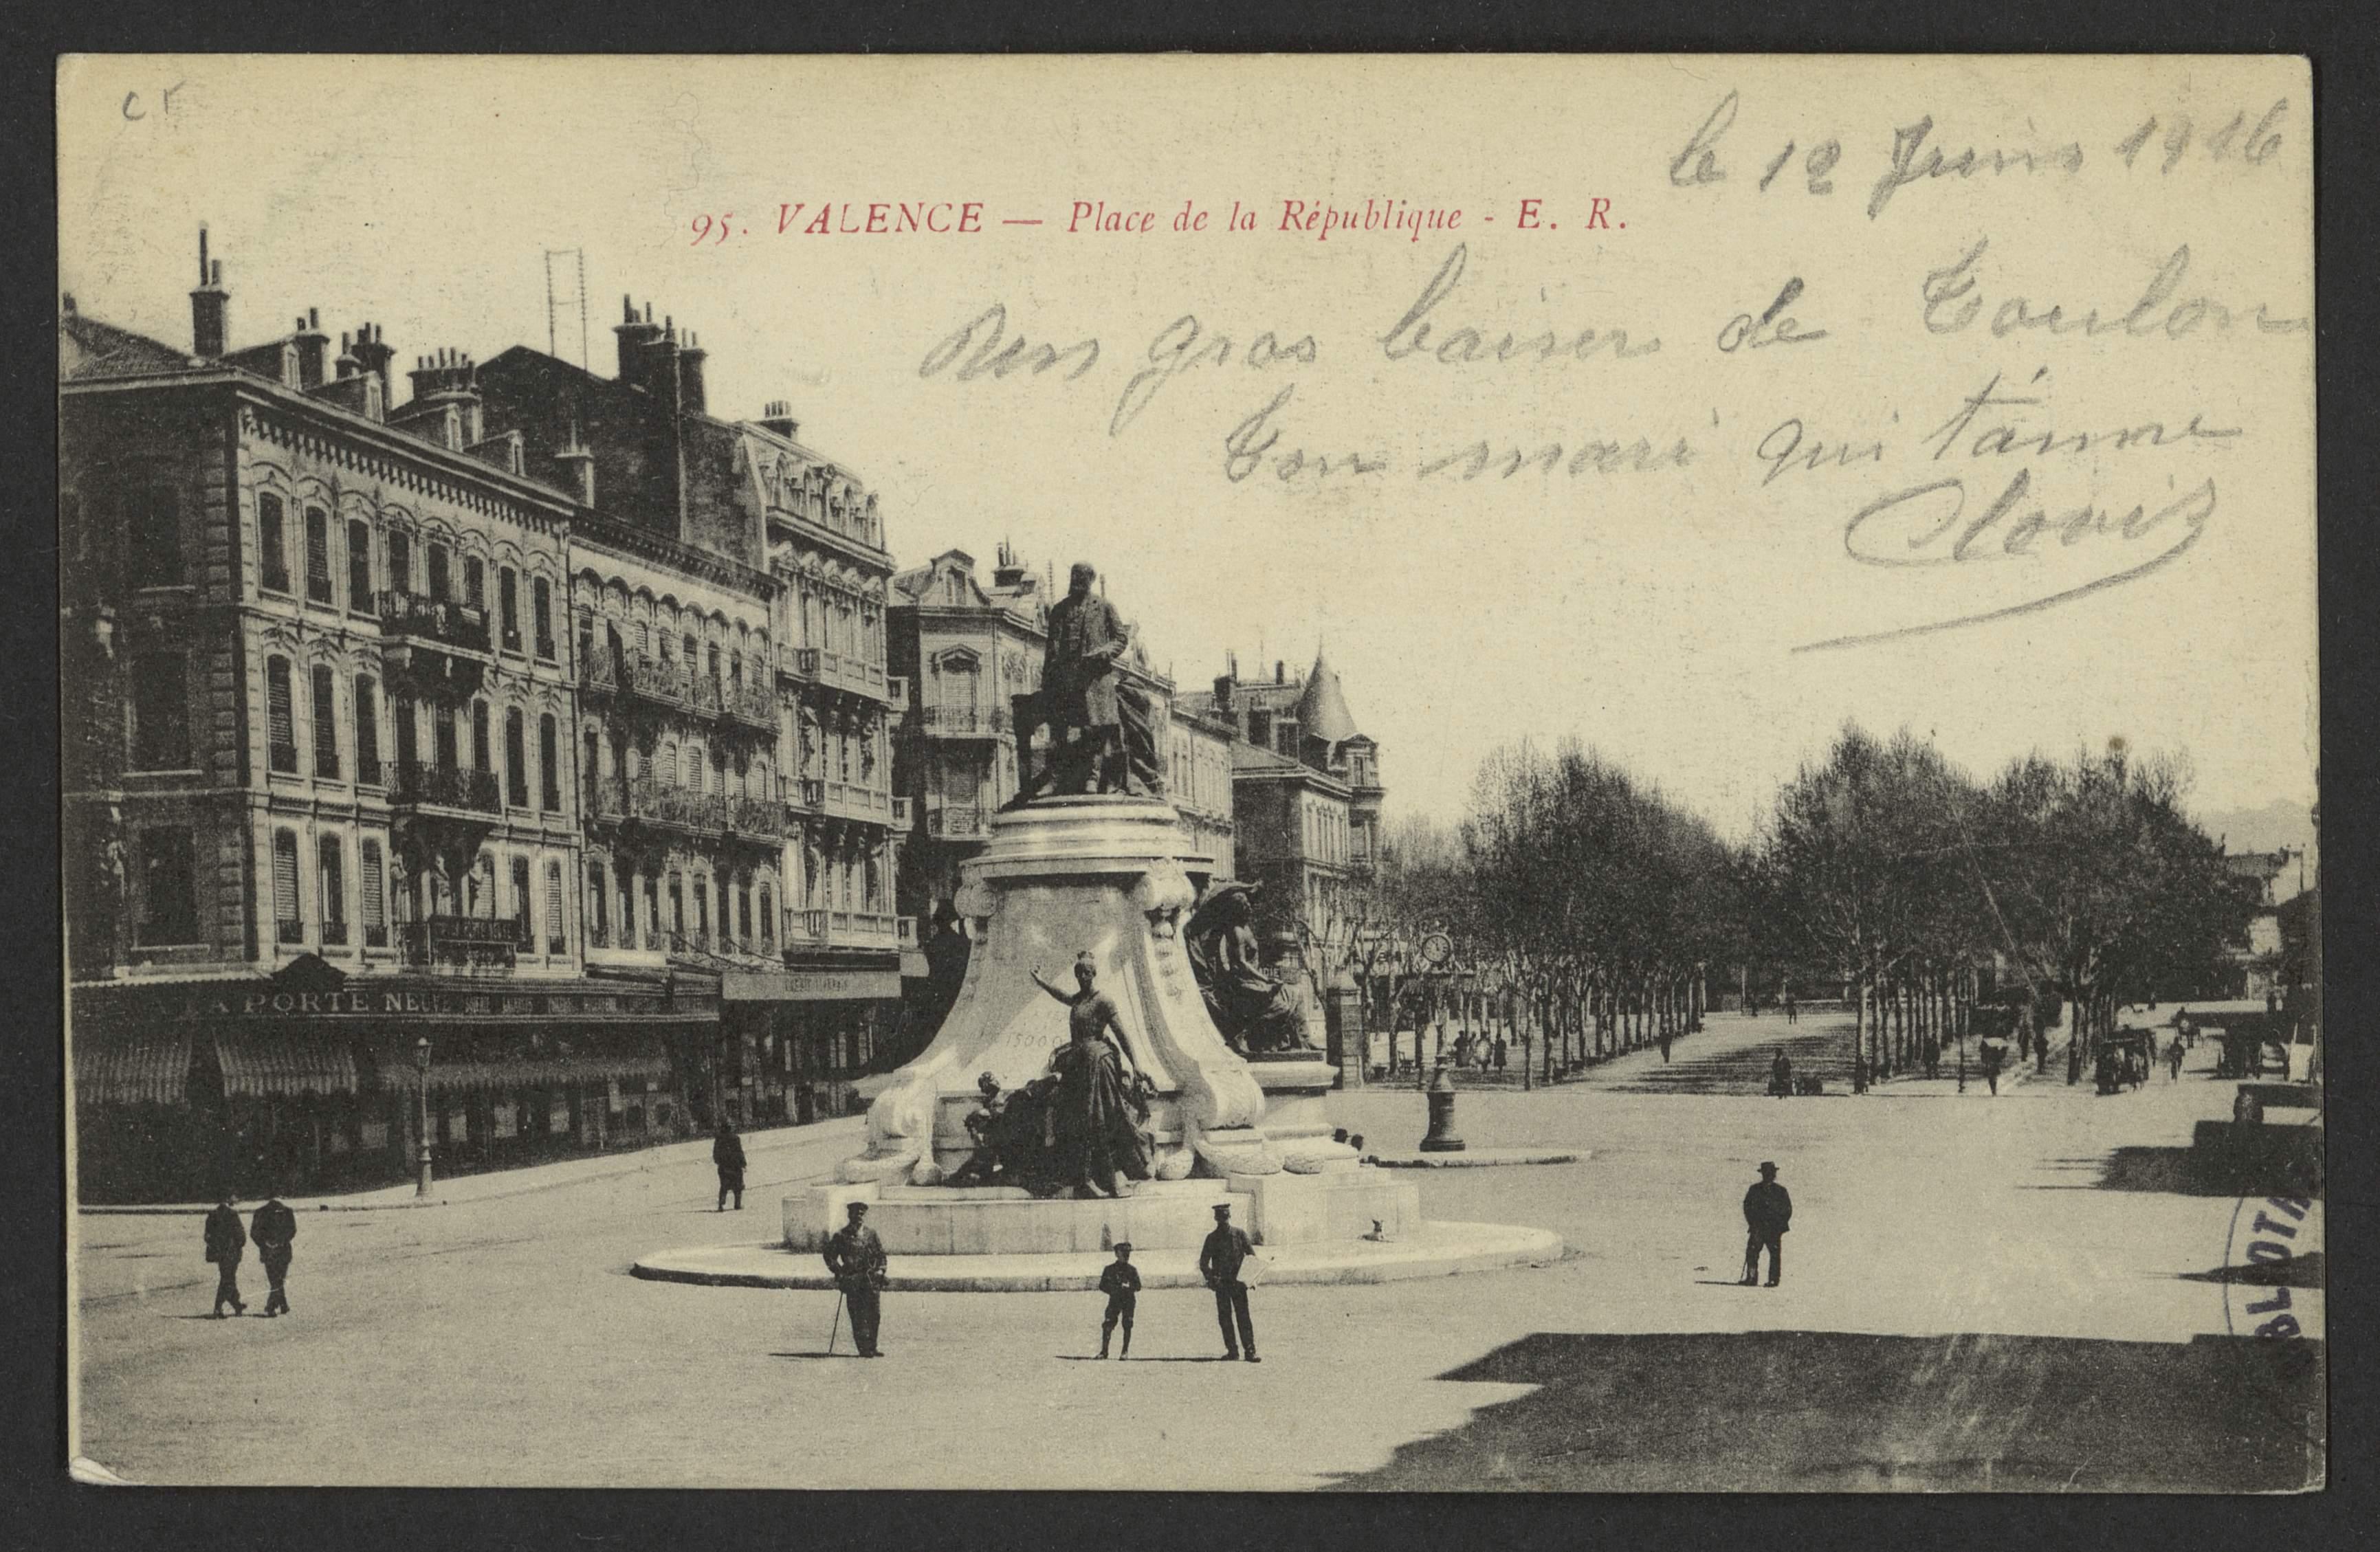 Valence - Place de la République